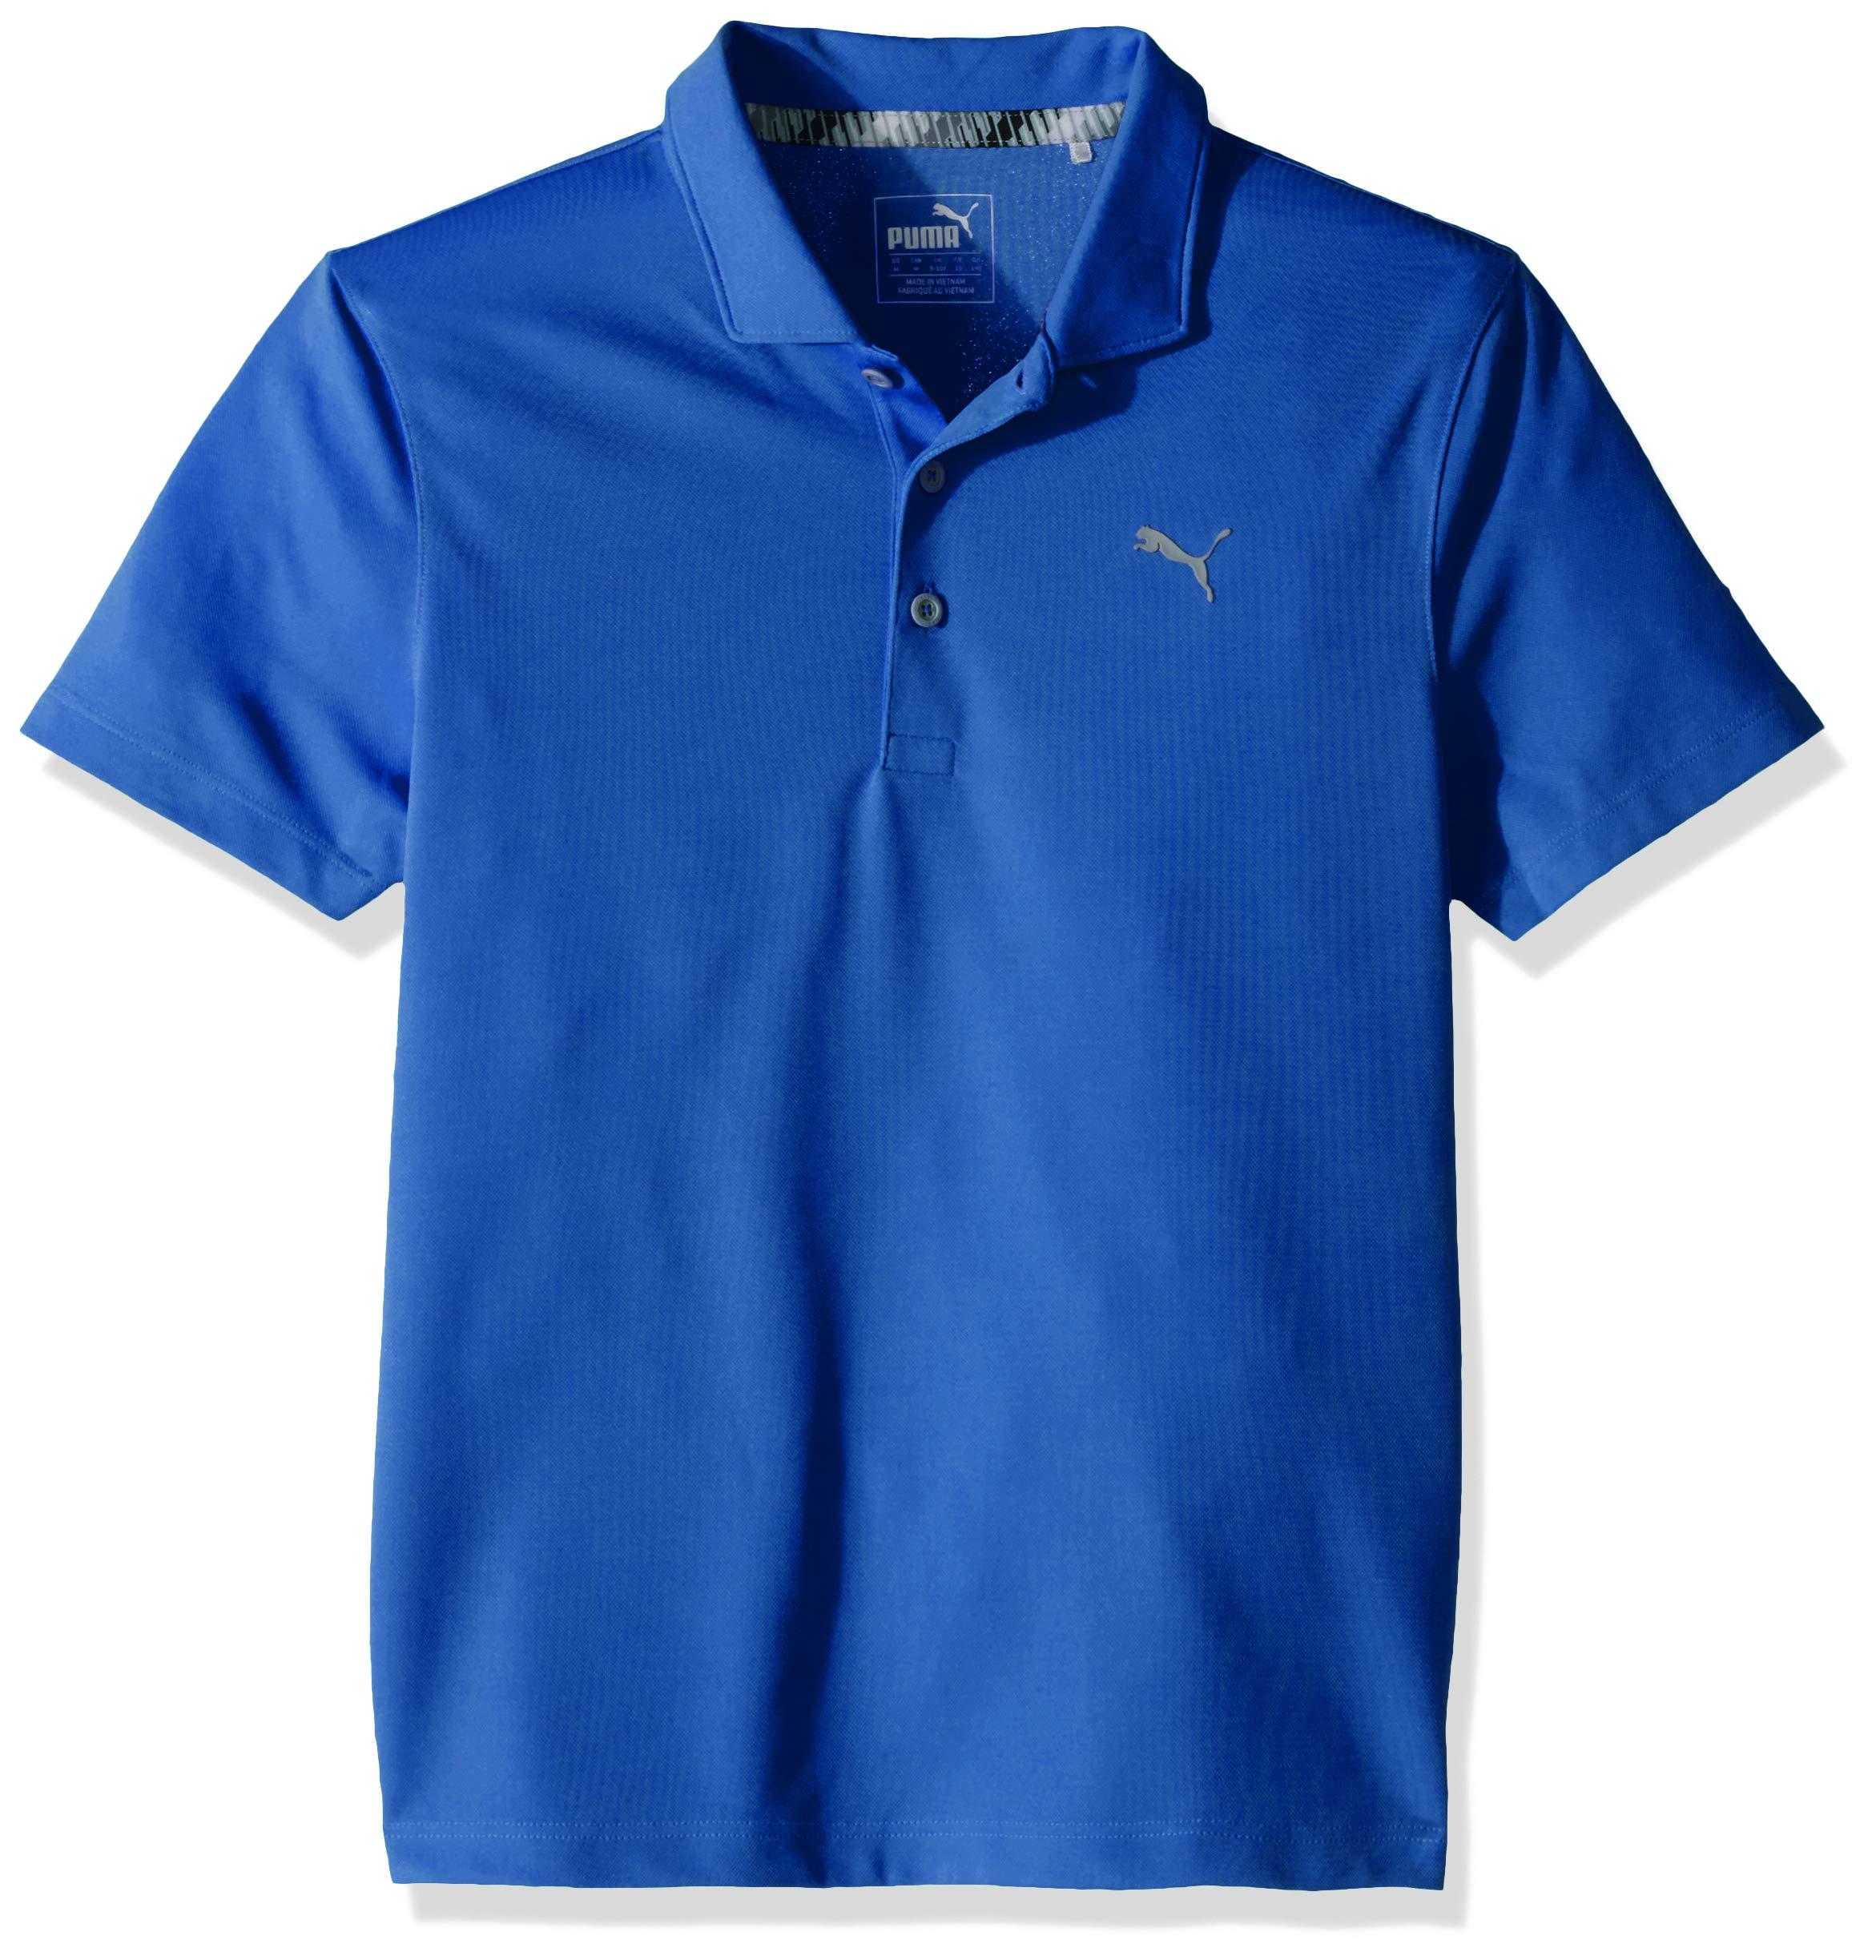 Puma Golf 2019 Boy's Polo, DAZZLING BLUE, Large by PUMA